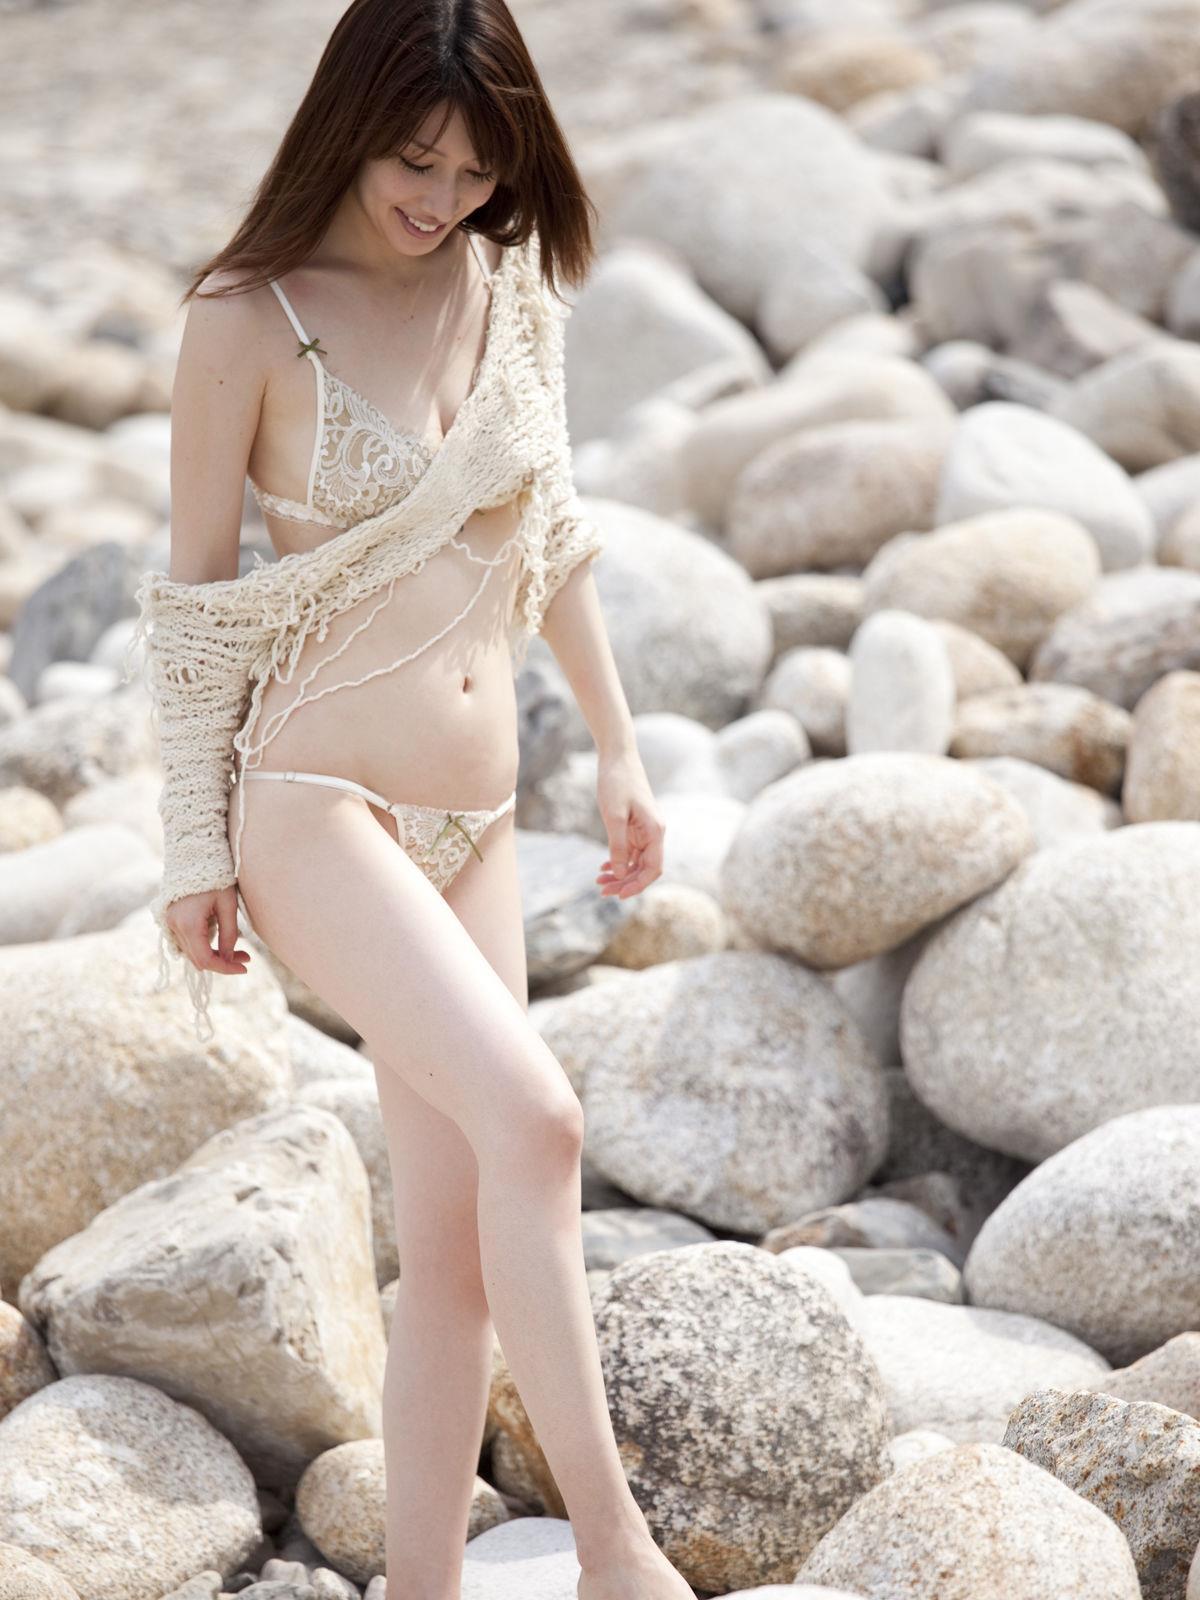 小林恵美 セミヌード画像 66